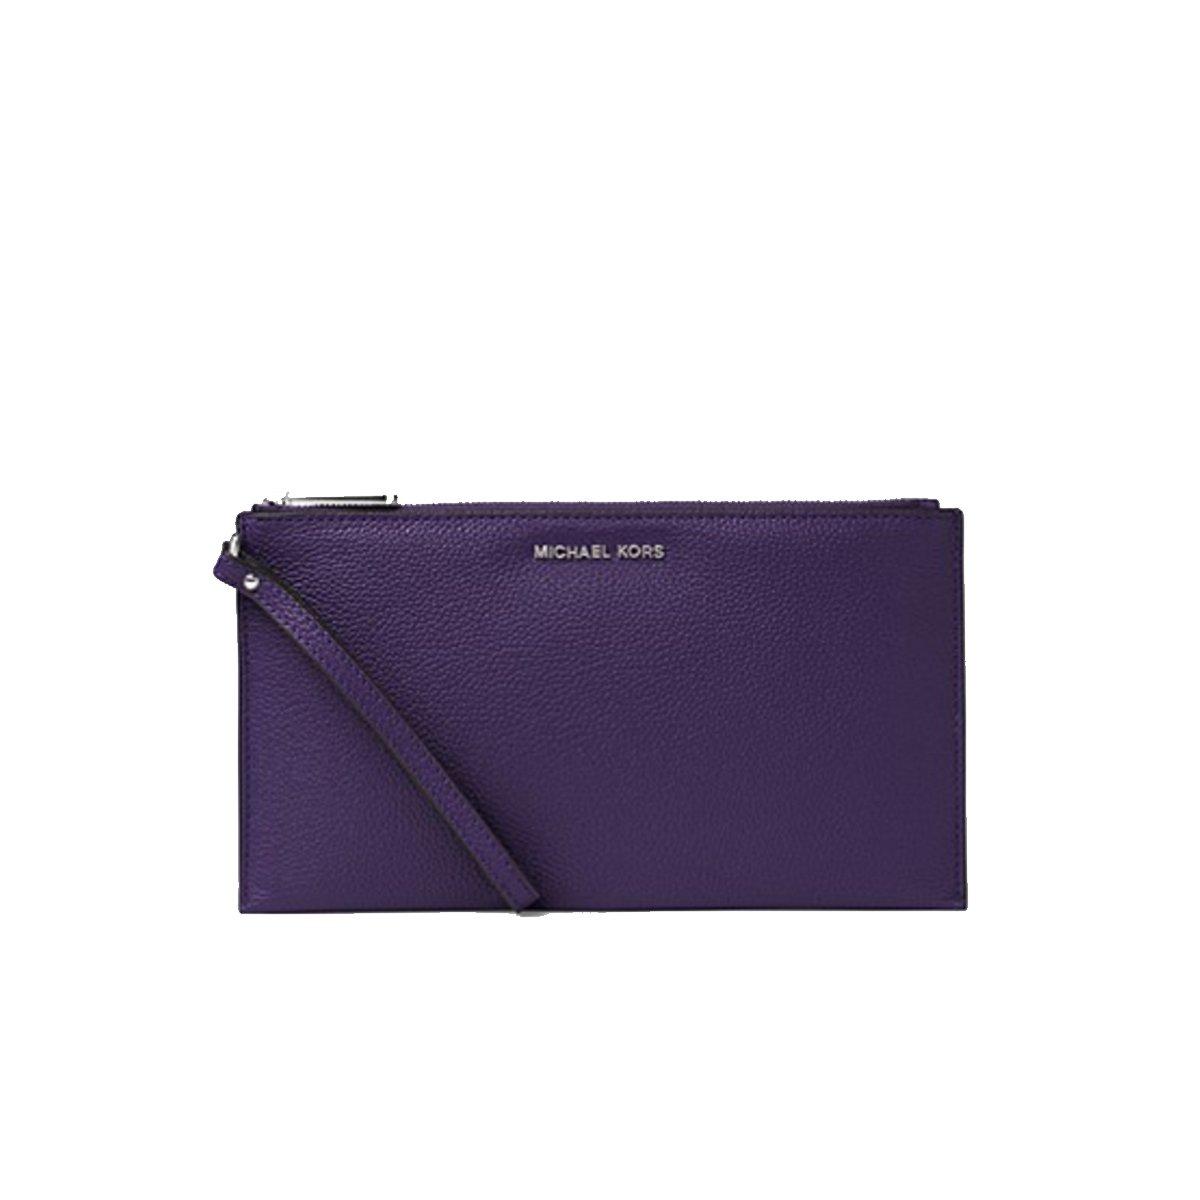 Michael Kors Mercer Purple Iris Leather Slim Wristlet